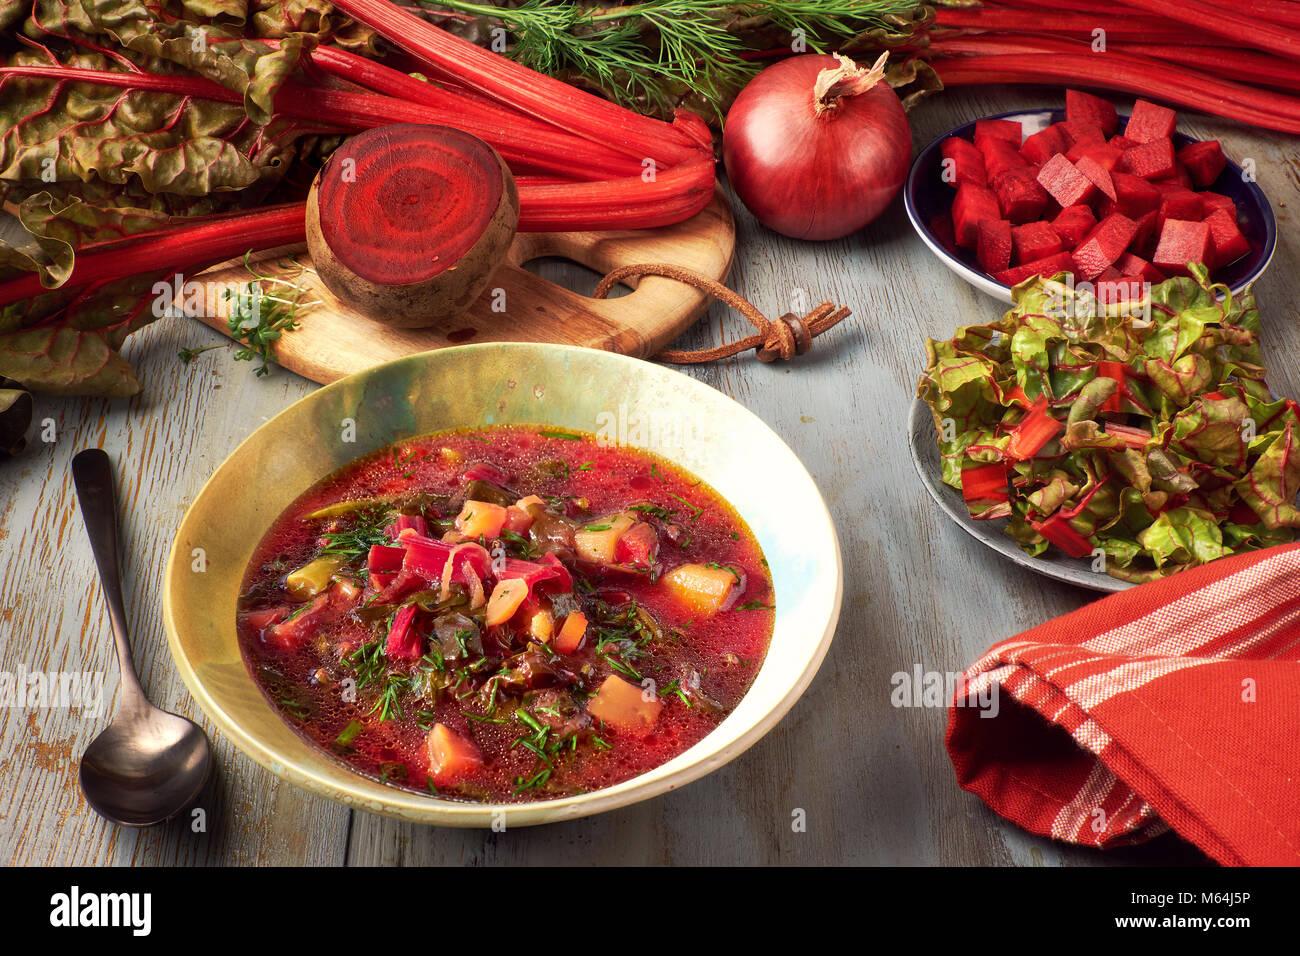 Arrière-plan de l'alimentation au printemps avec de la betterave rouge soupe aux légumes. Ingrédients: Photo Stock